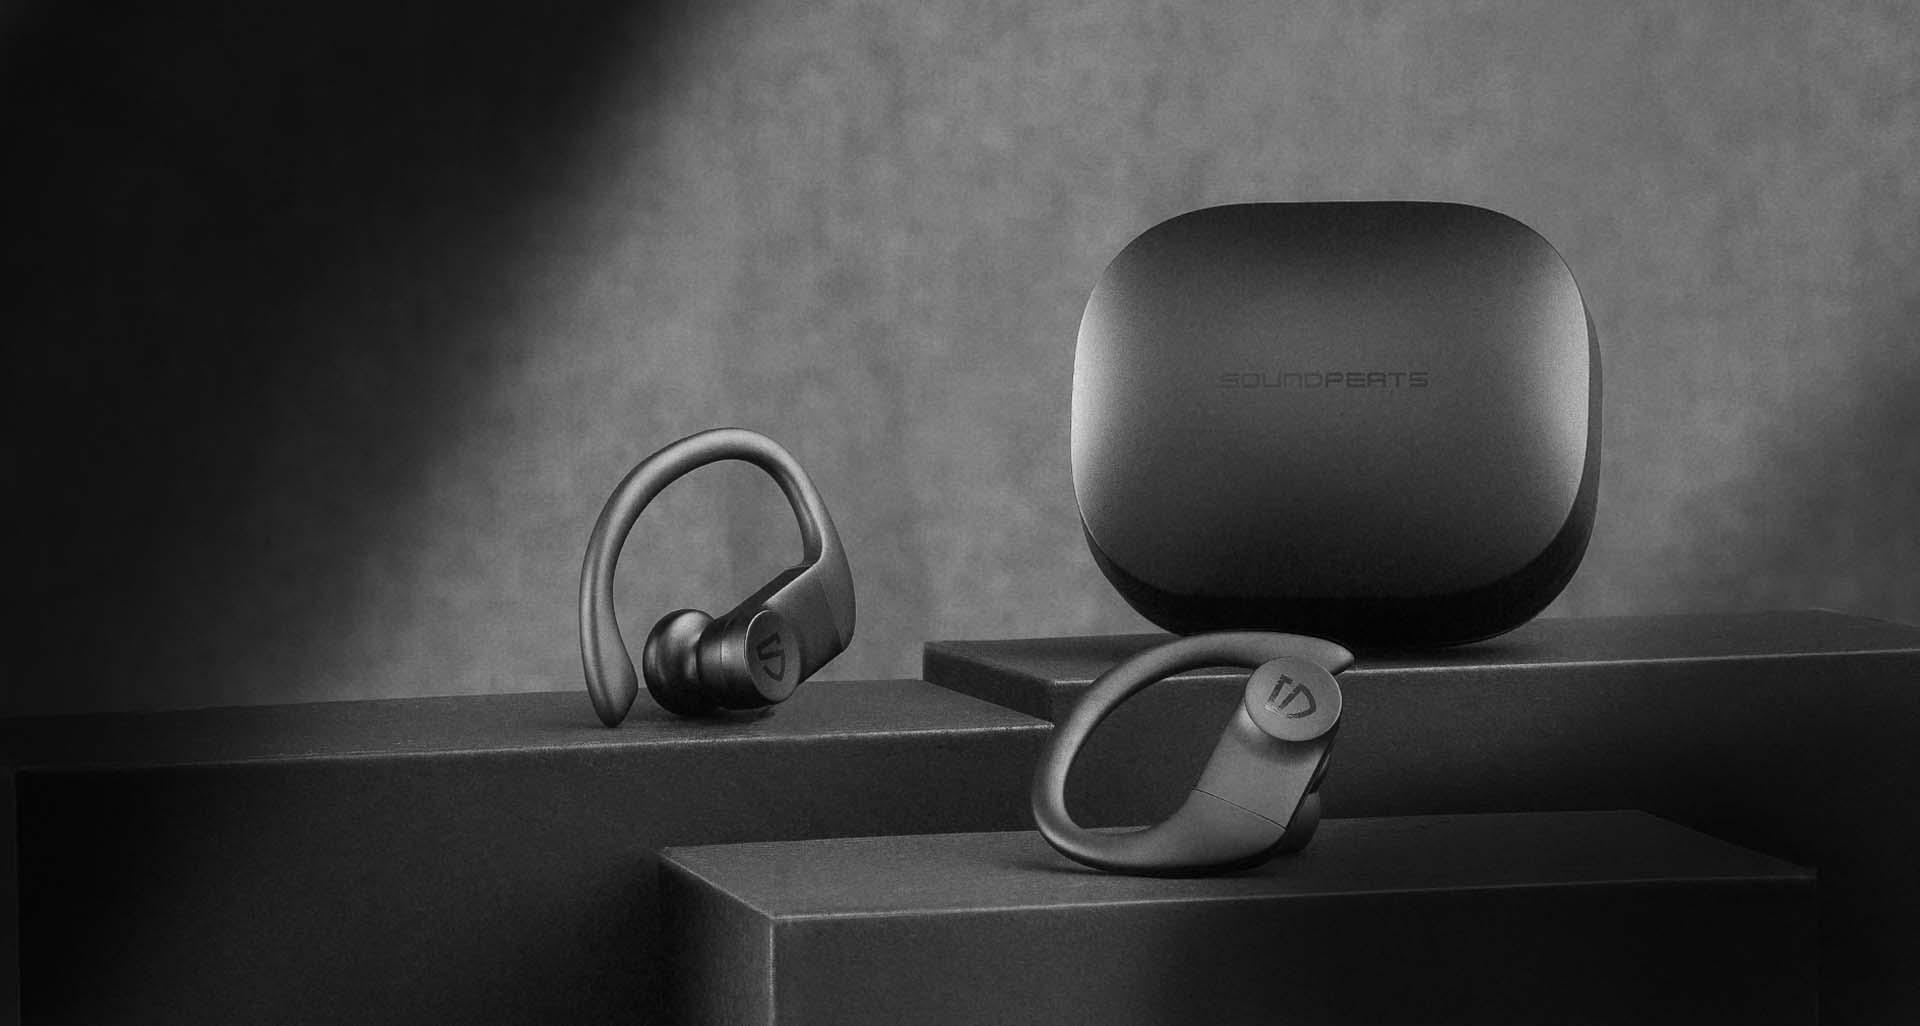 Tai nghe bluetooth Soundpeats TrueWings giúp cuộc sống chủ động hơn